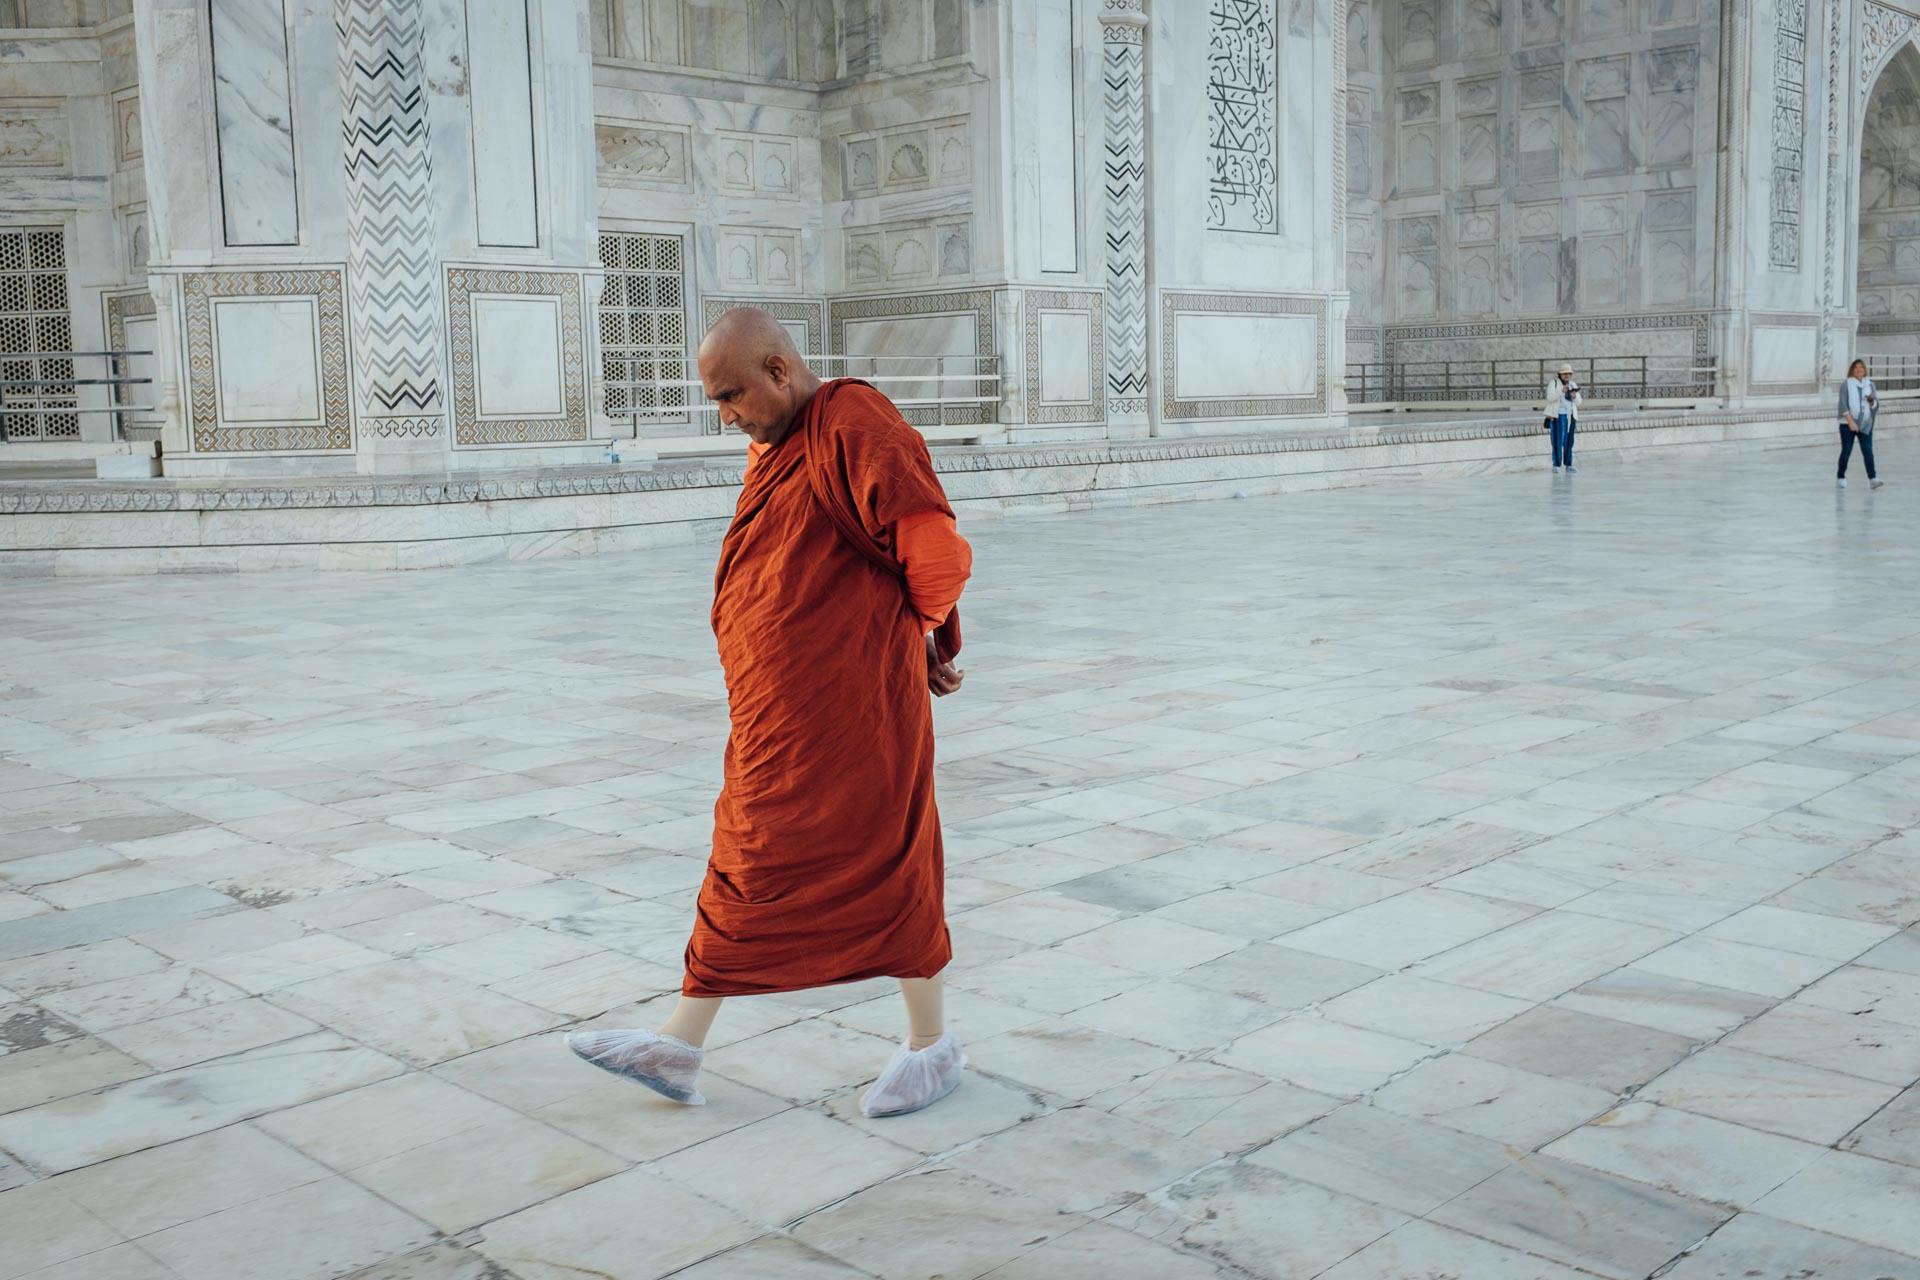 190130 032 Agra